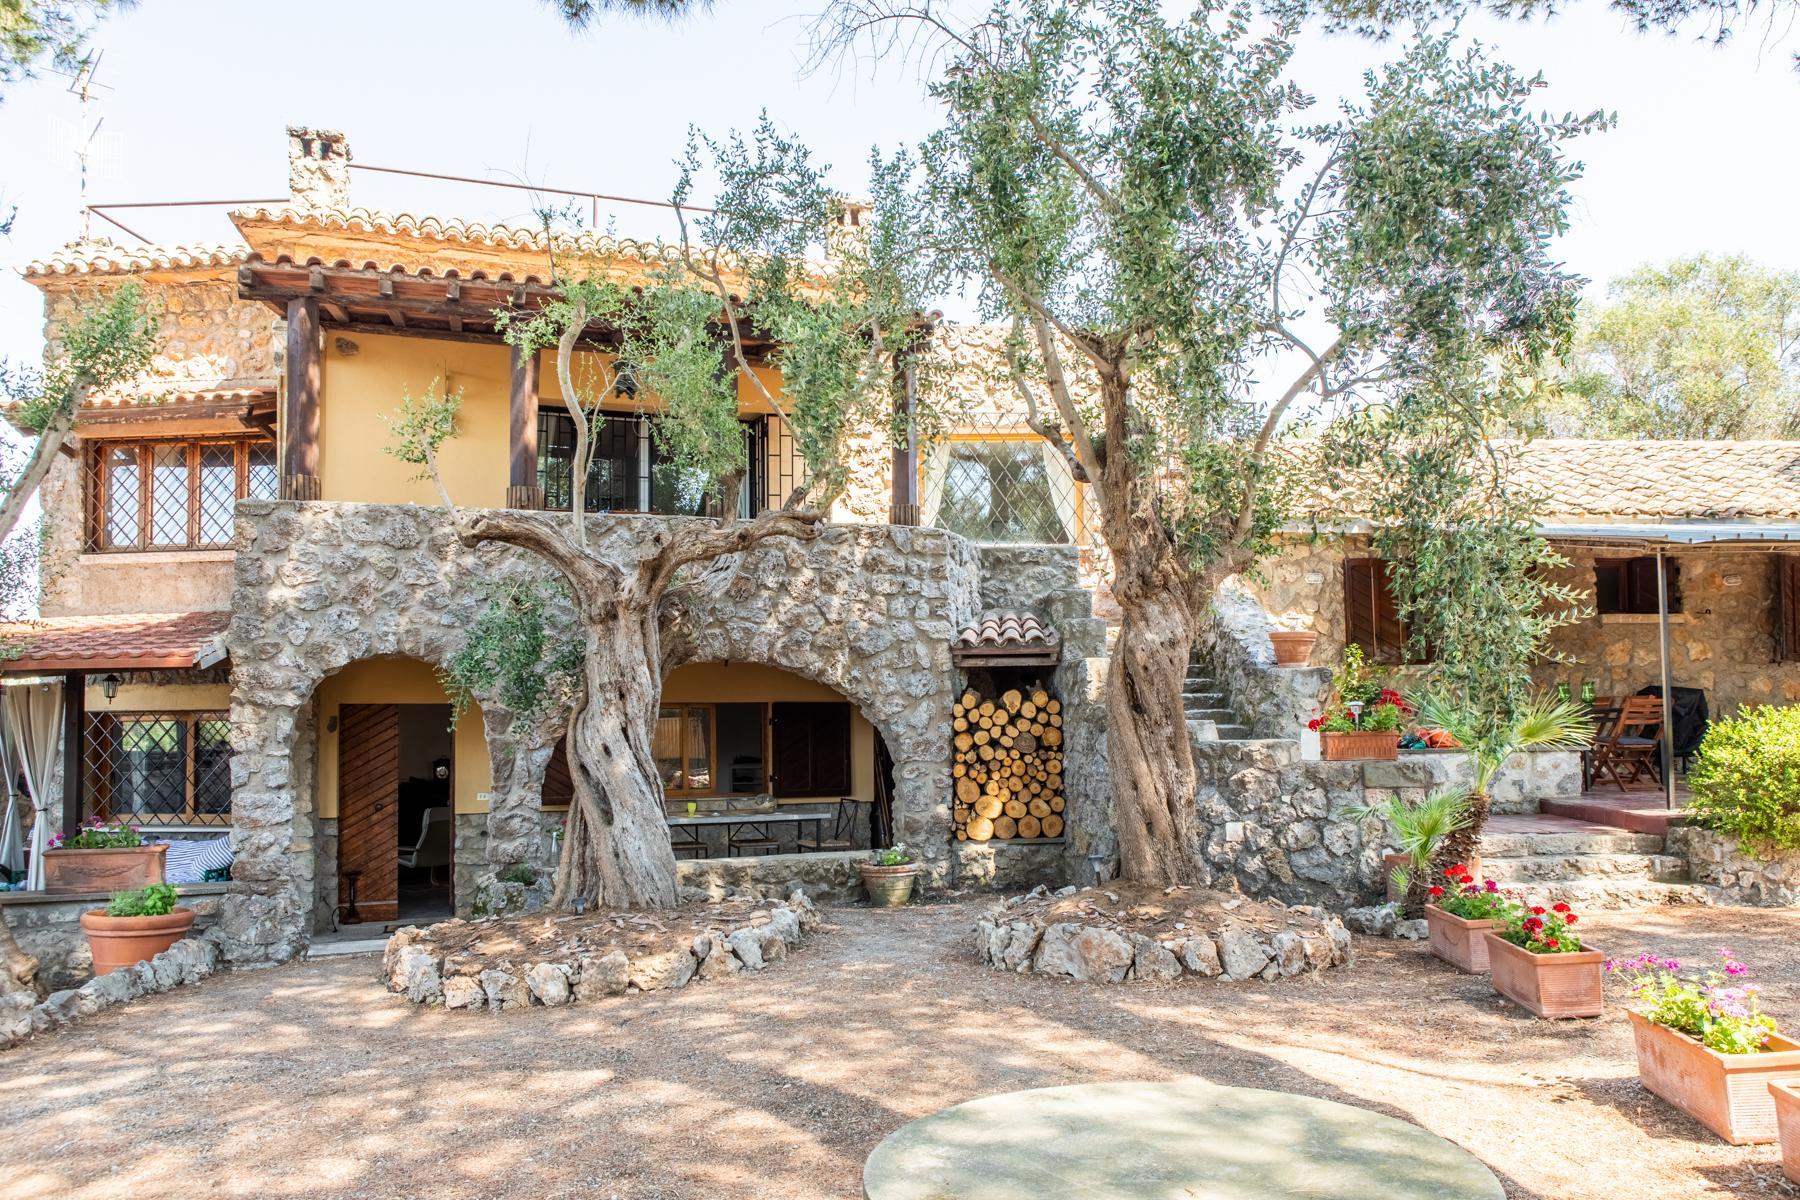 Wundeschöne Villa aus Stein in einzigartiger Umgebung - 3